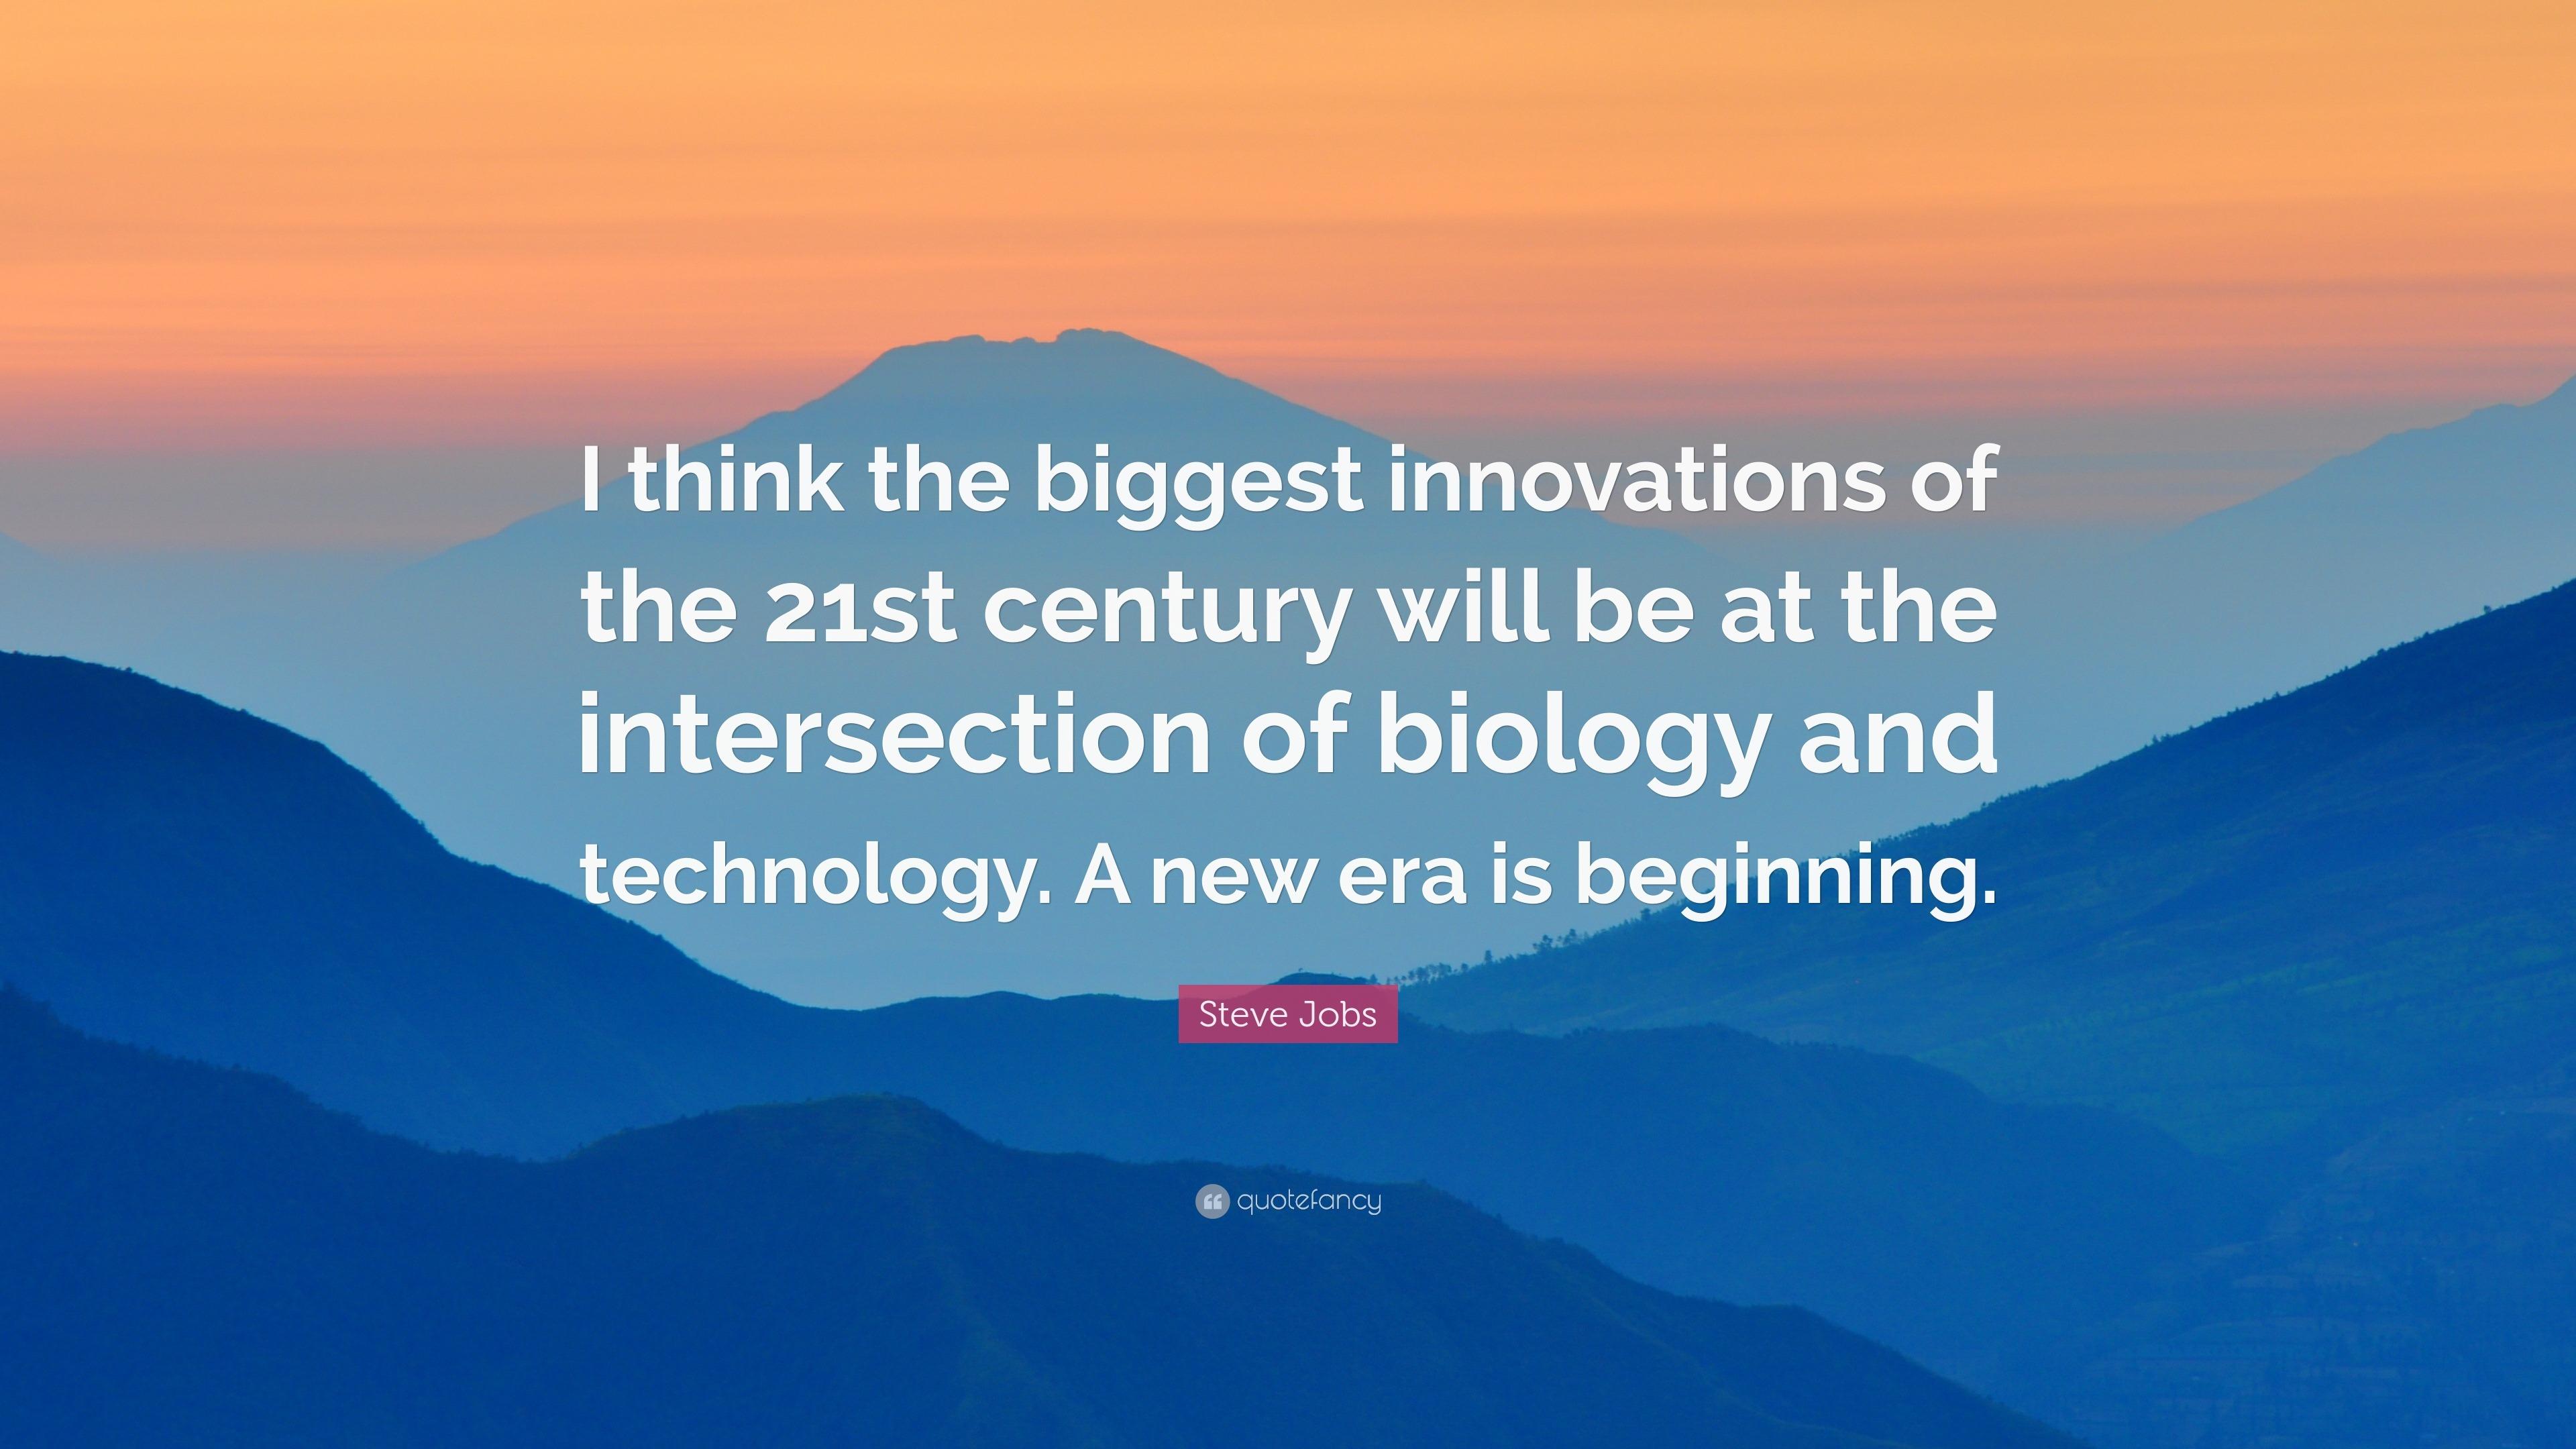 21st century technology era